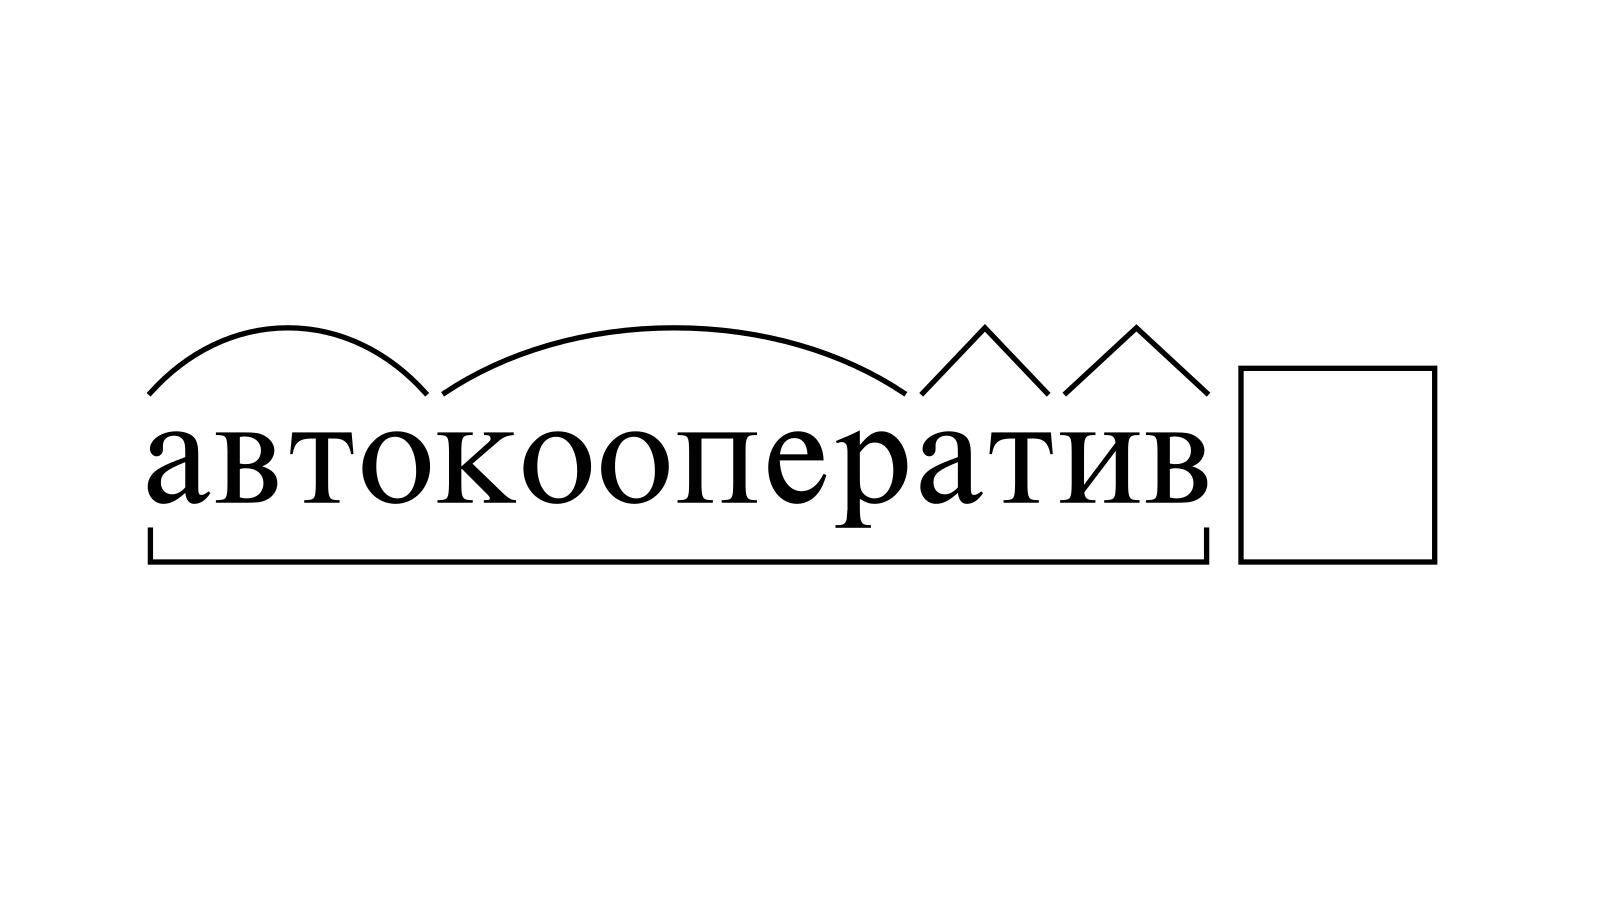 Разбор слова «автокооператив» по составу